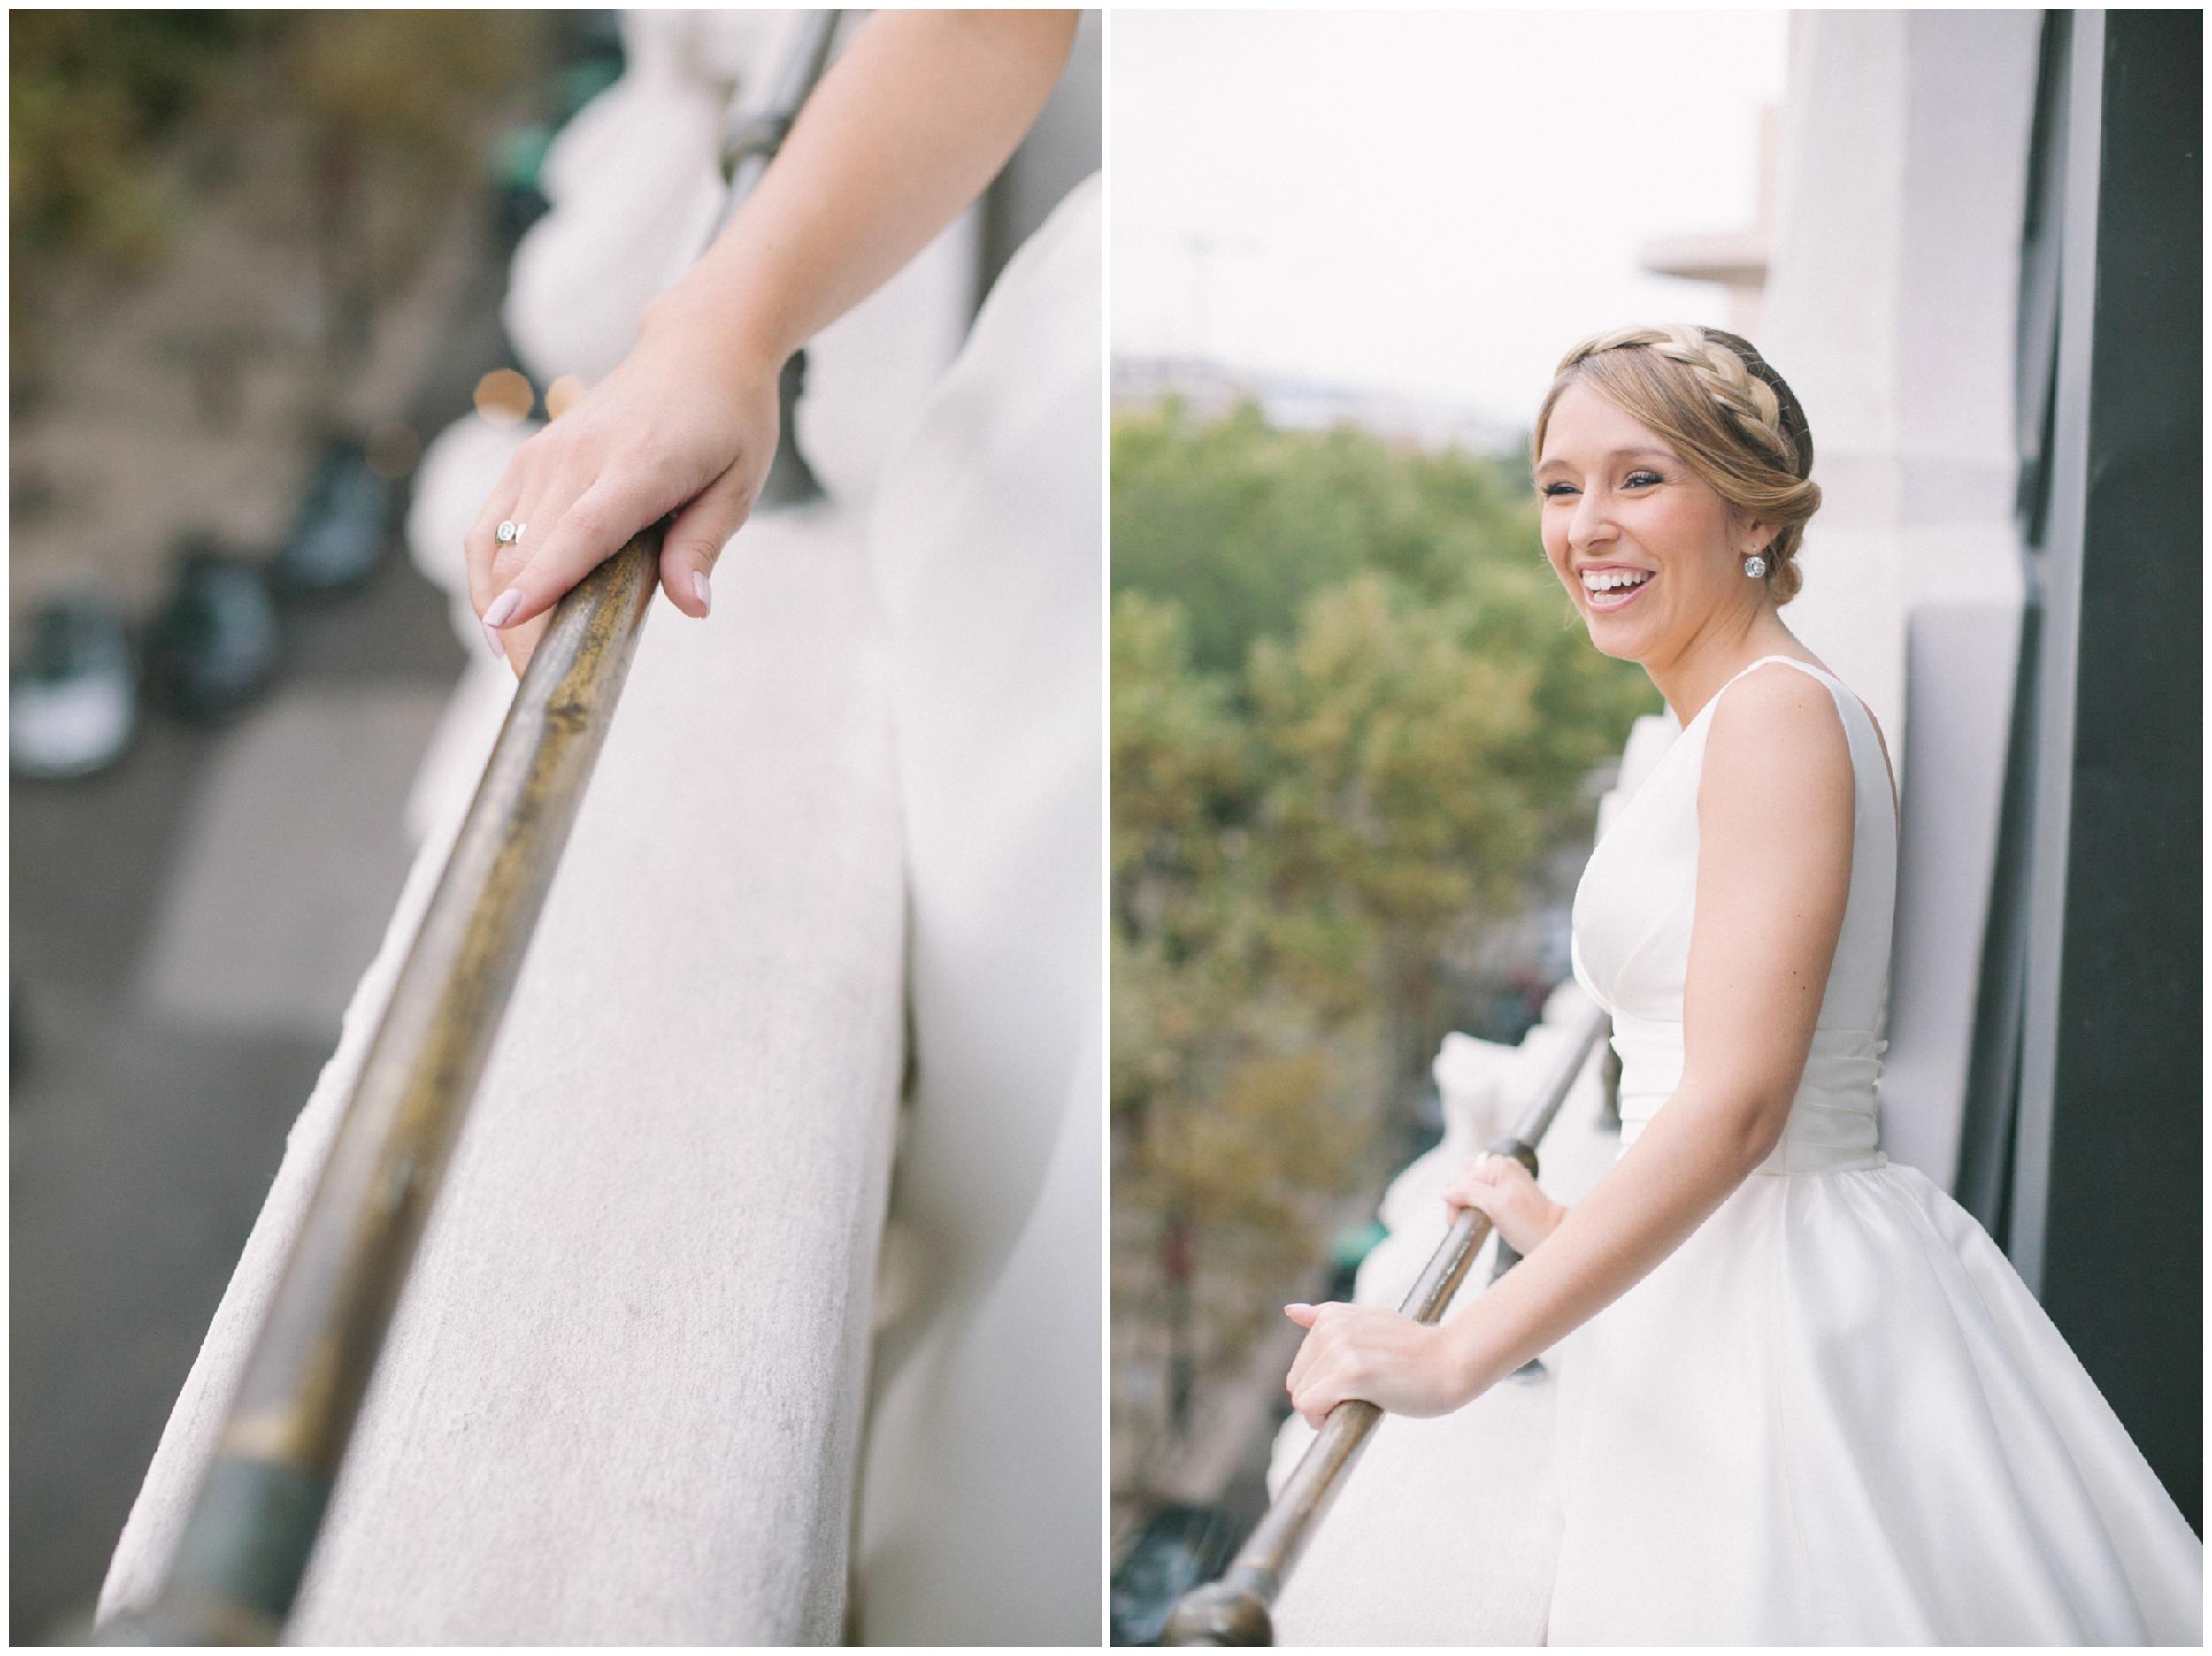 mariarao+wedding+photographer+cascais_0445.jpg